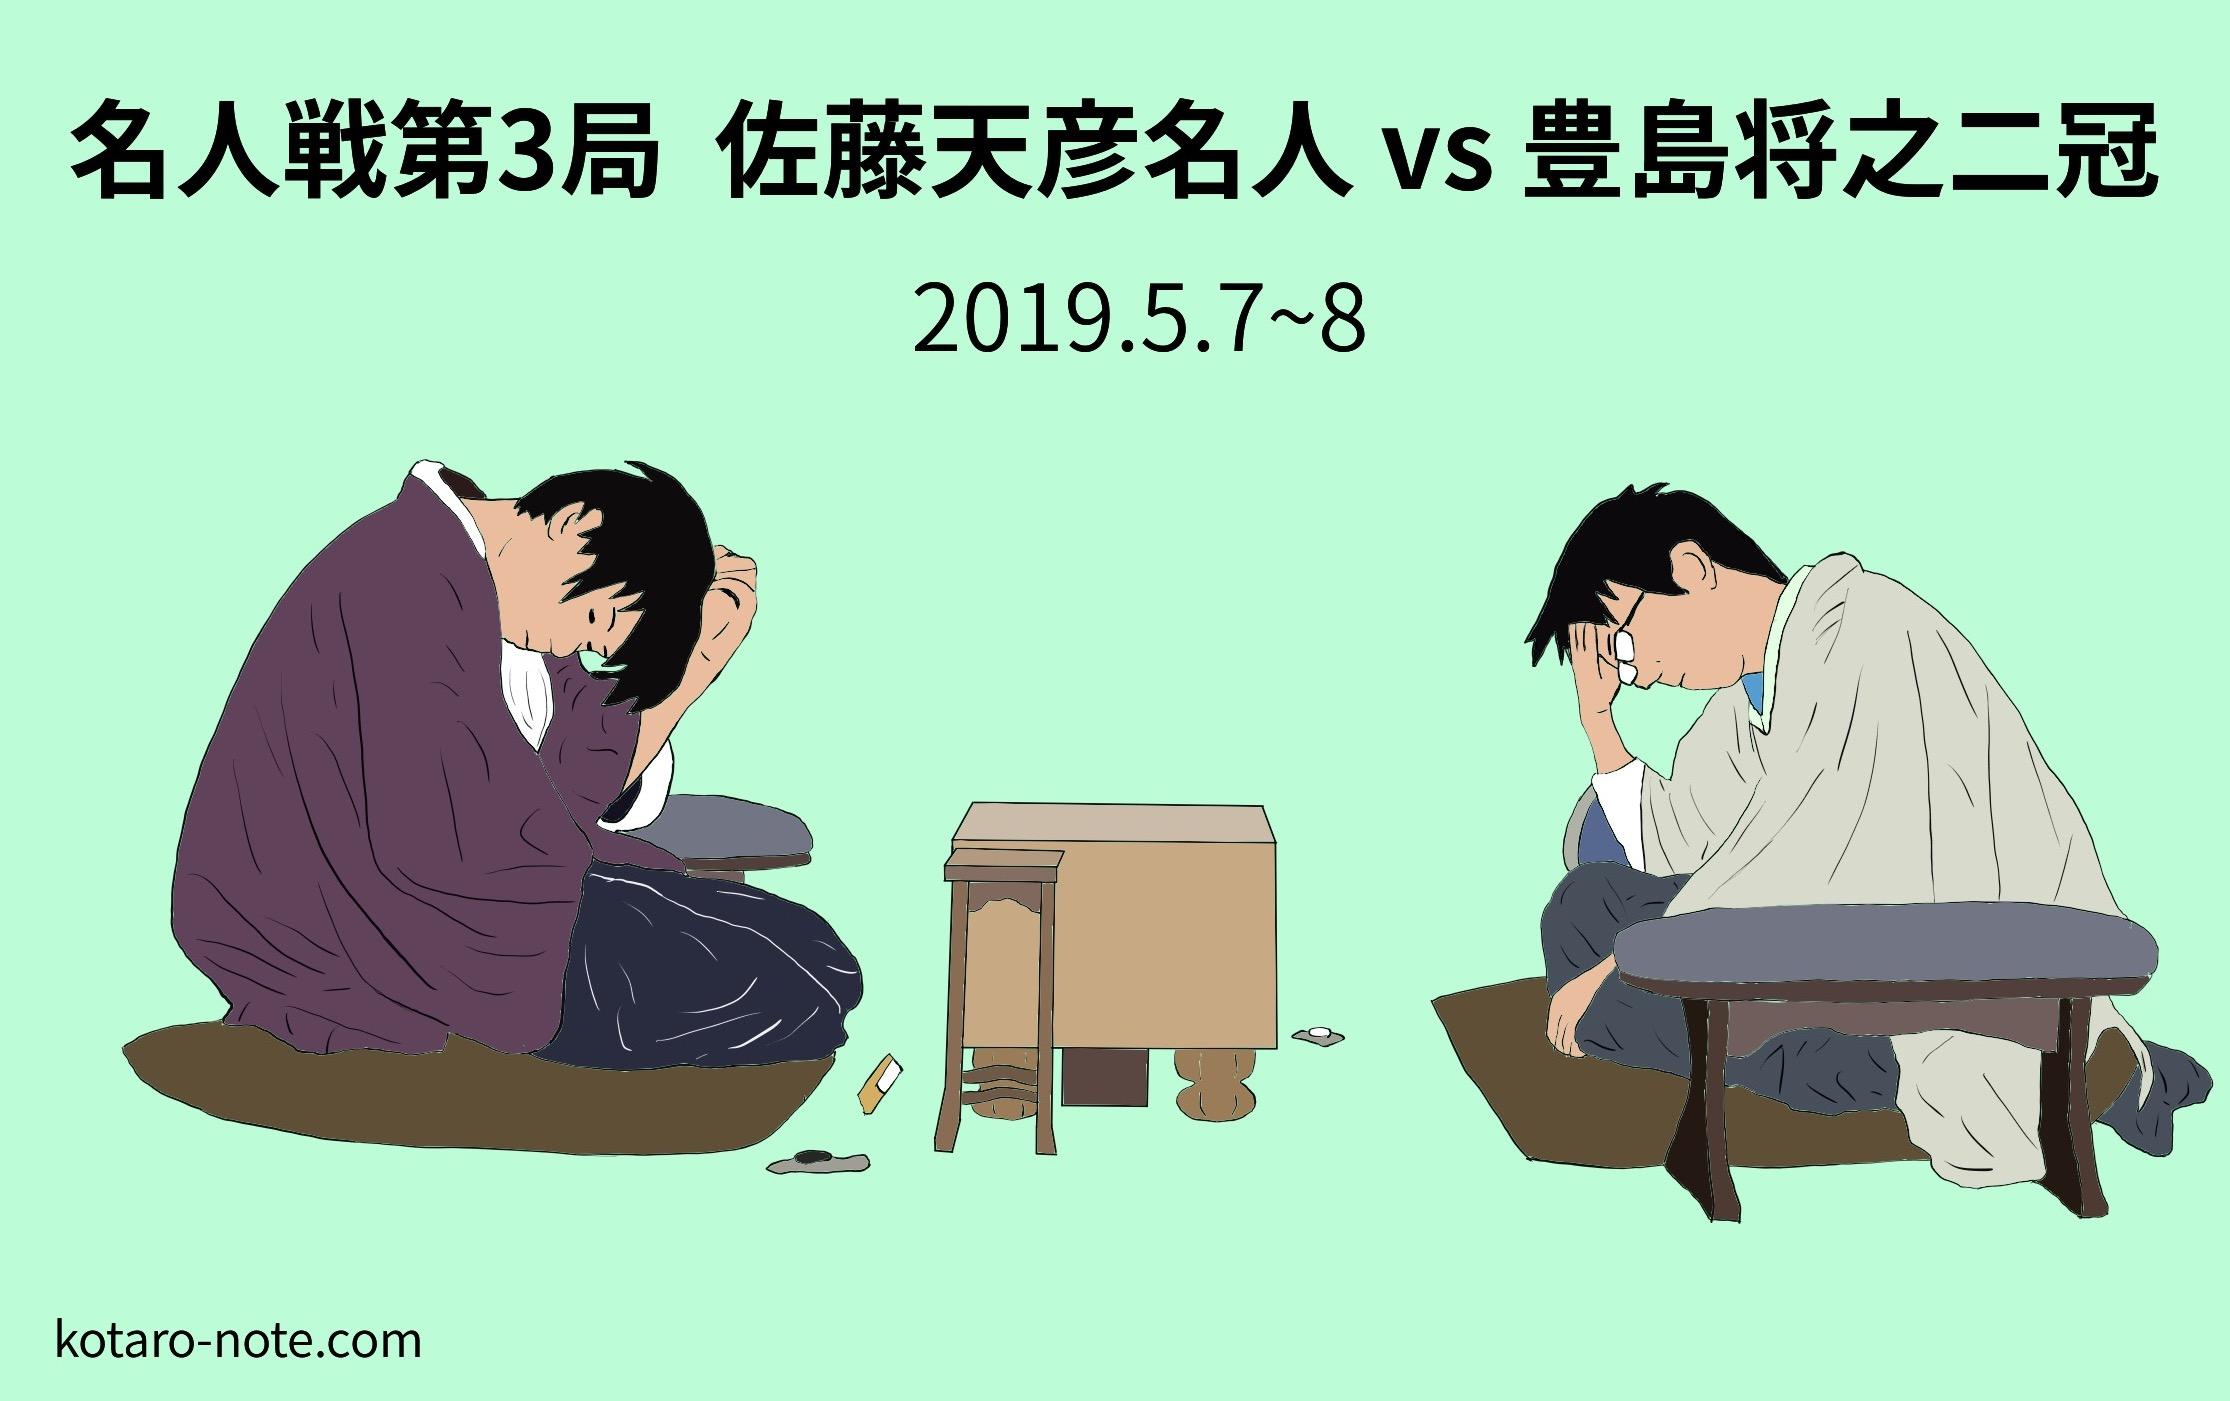 佐藤天彦名人vs豊島将之二冠、名人戦第3局